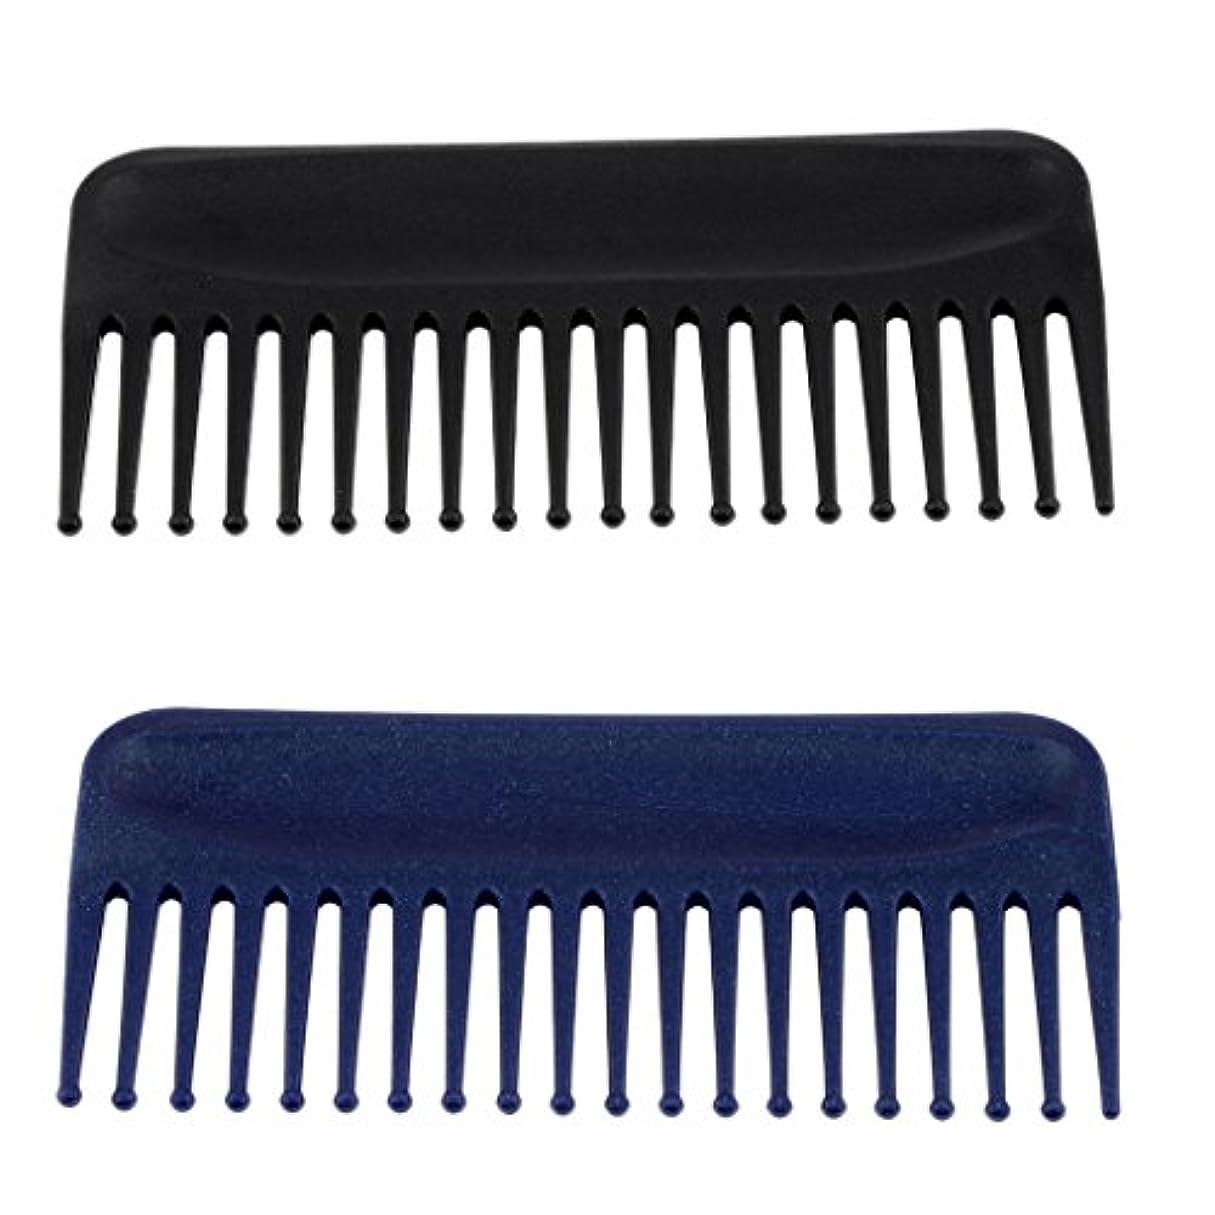 きつくエレガントオーケストラBaosity ヘアコーム くし 櫛 ヘアブラシ  頭皮マッサージ 静電気防止 美髪ケア 快適 プラスチック製 2個